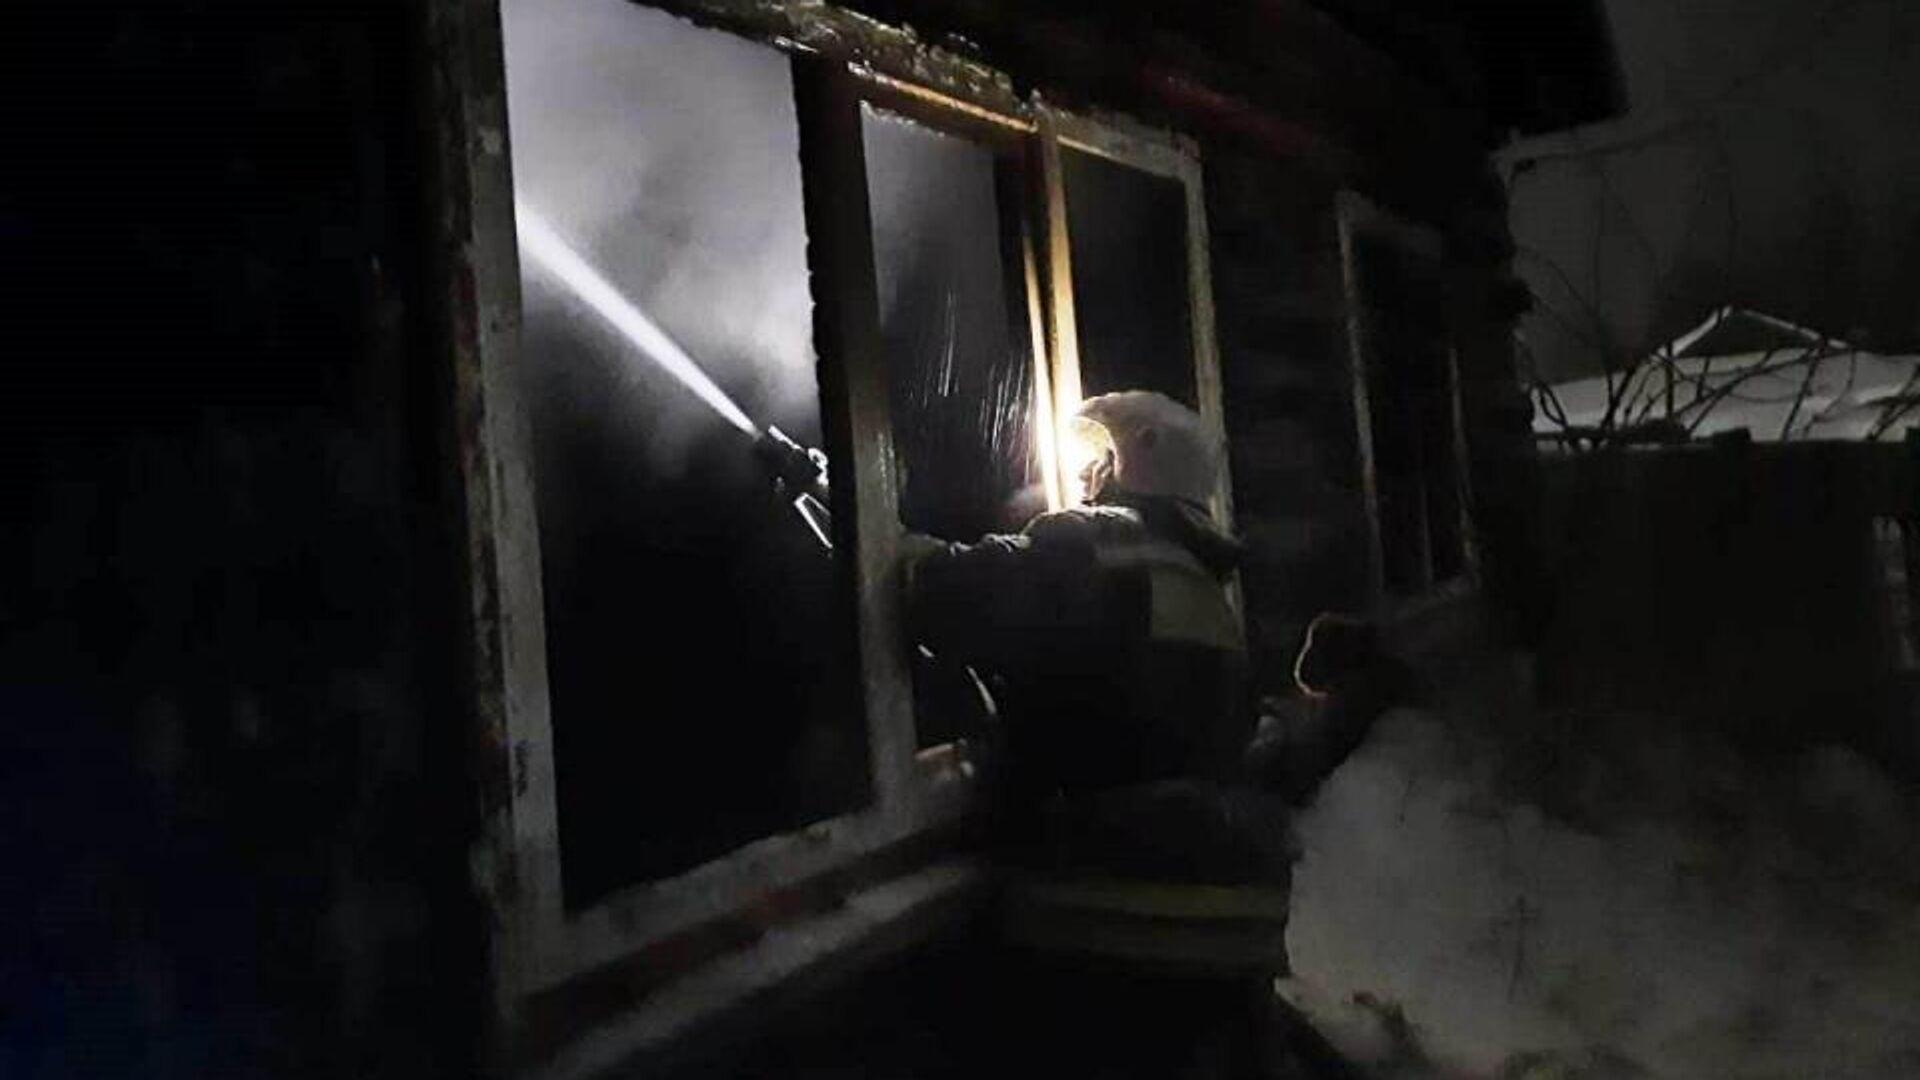 Последствия пожара, произошедшего в жилом доме, расположенном в селе Большие Уки Омской области - РИА Новости, 1920, 09.03.2021